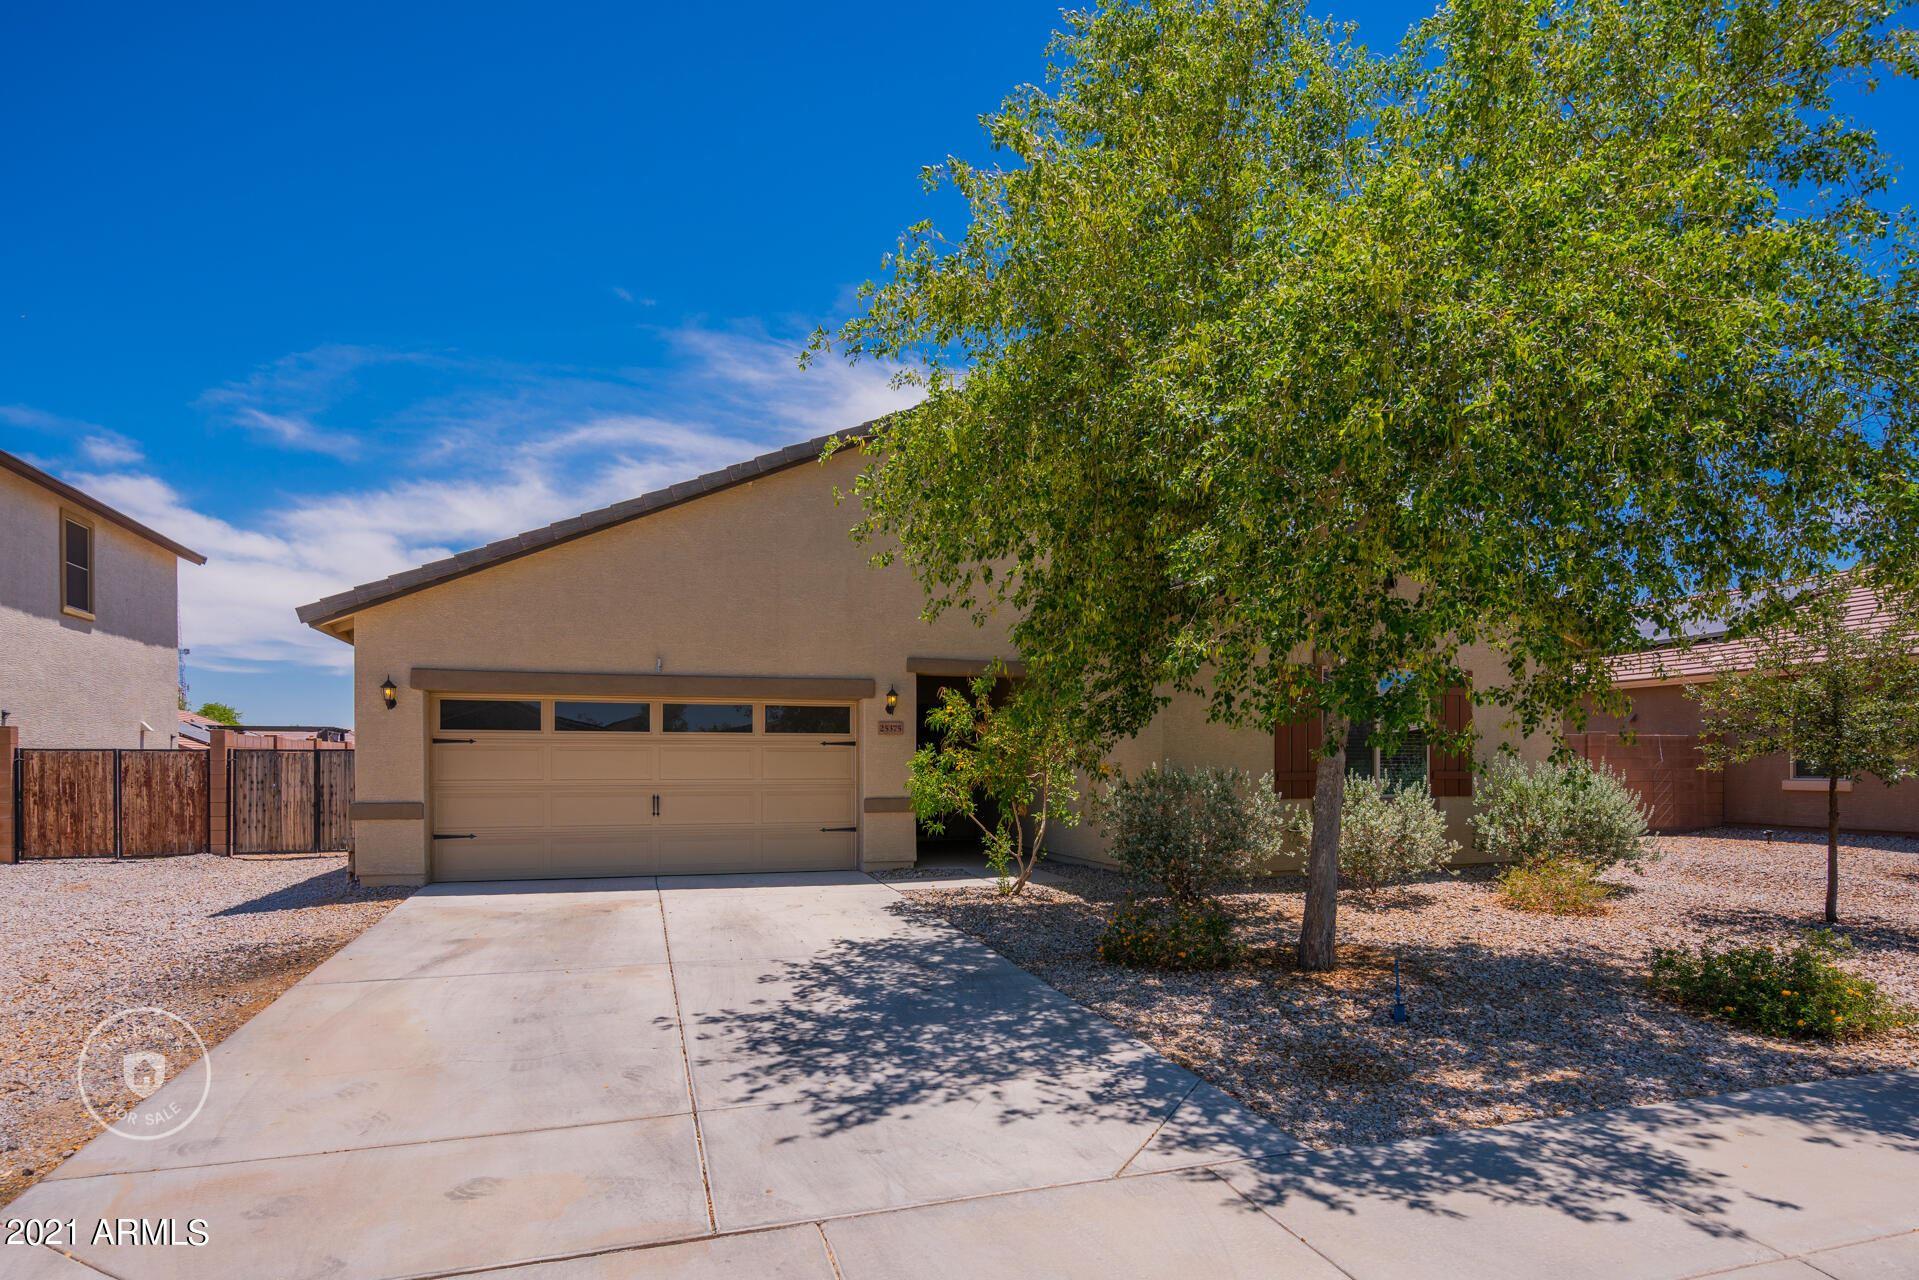 25375 W FREMONT Court, Buckeye, AZ 85326 - MLS#: 6249477